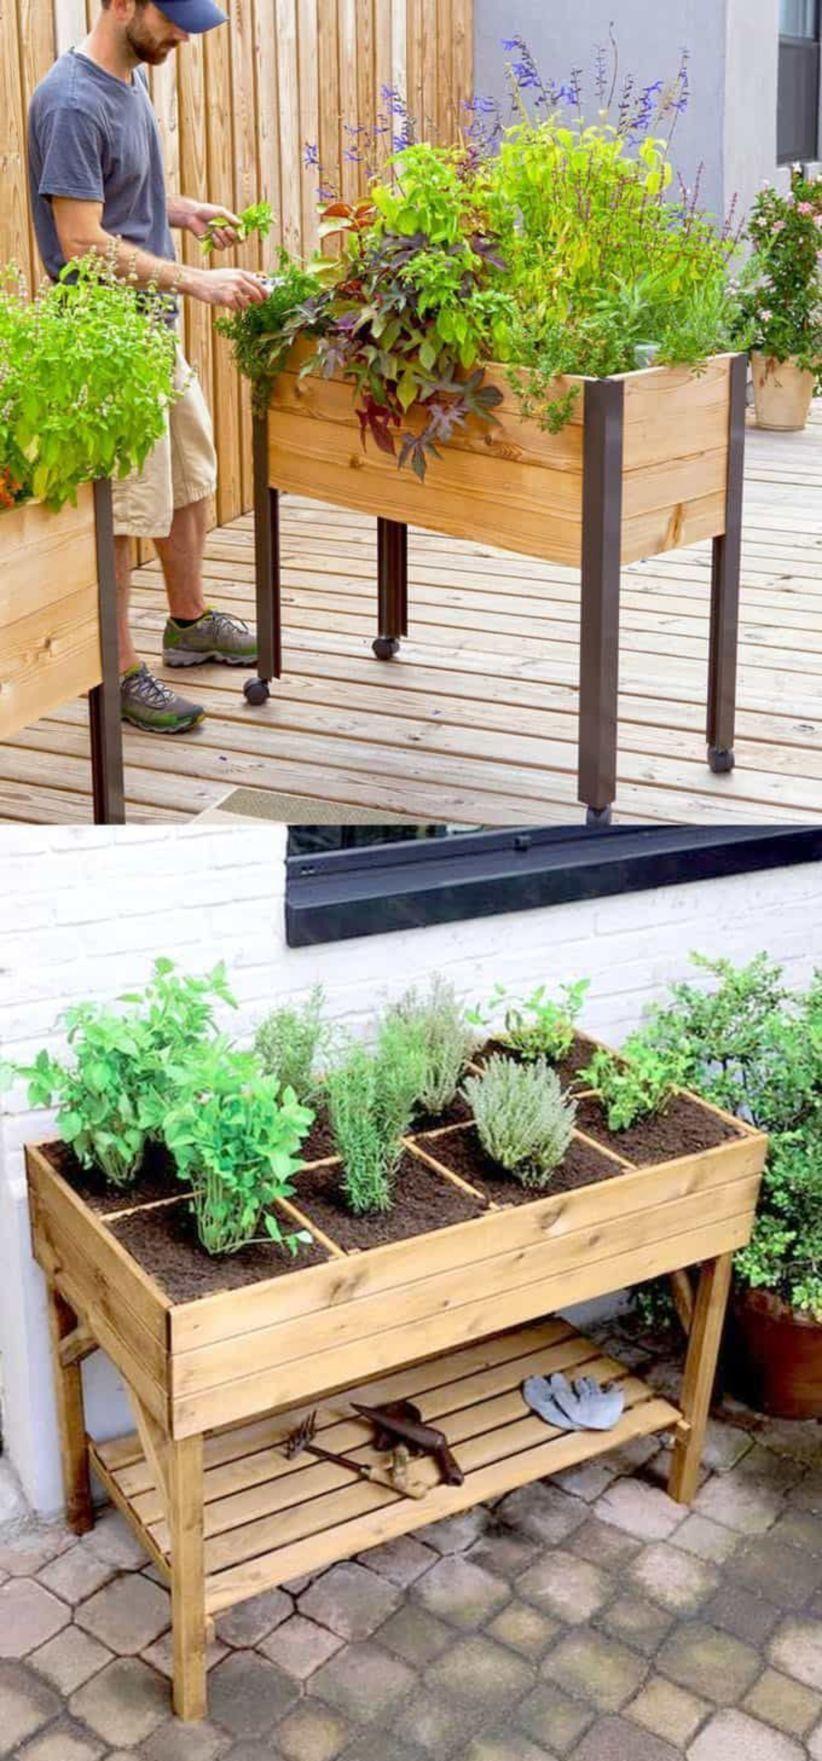 35 Indoor Garden Ideas For Beginner In Small Space